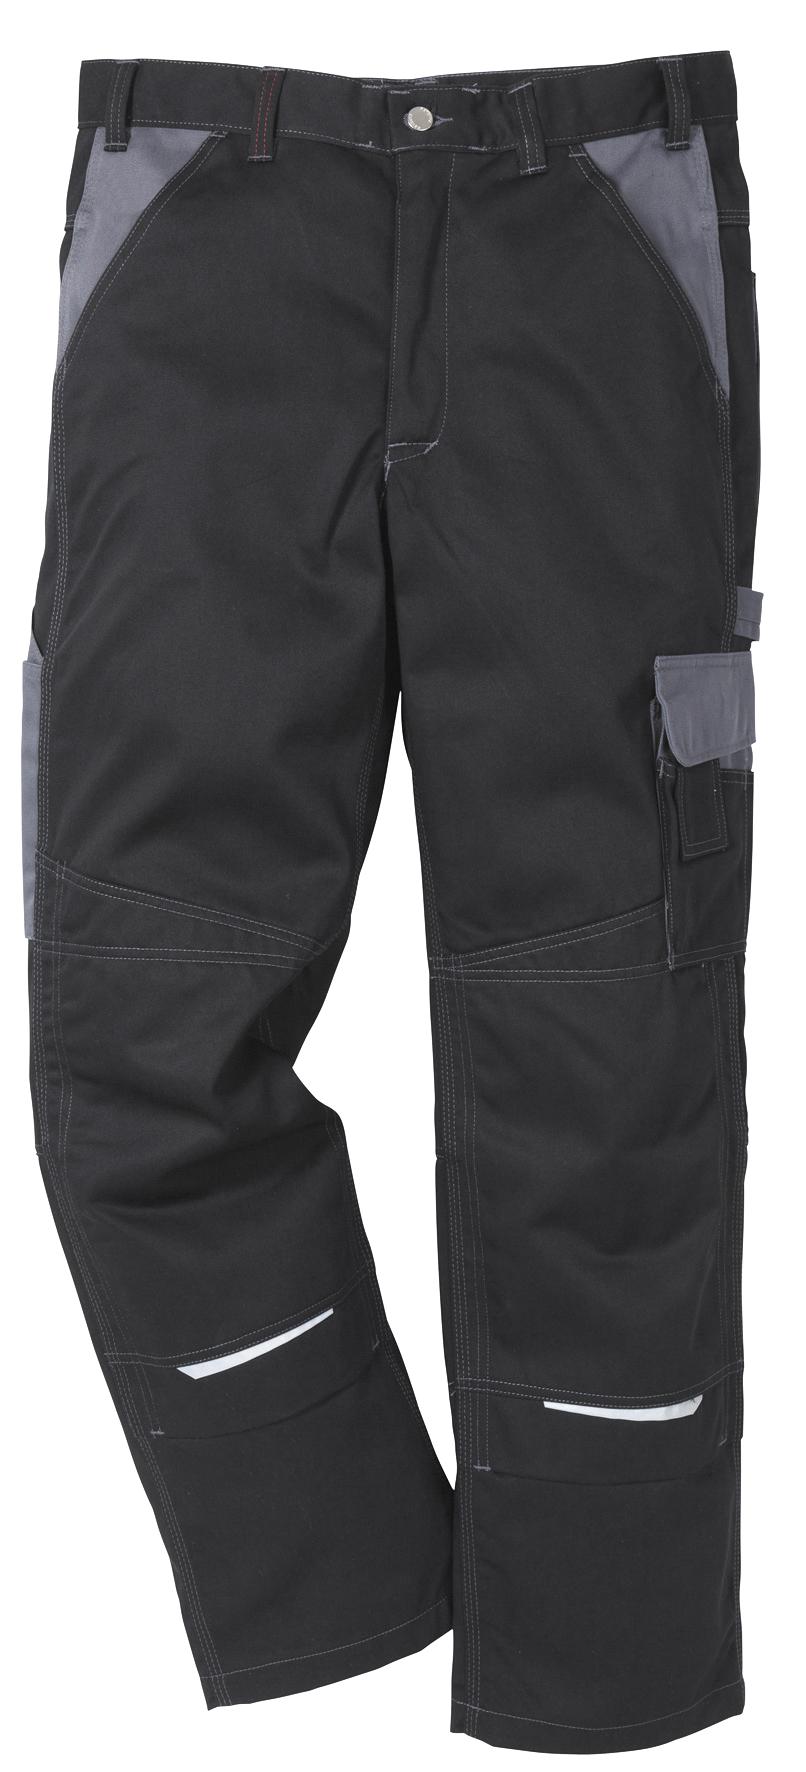 Kansas Icon bukser 2019, Sortgrå C56 (gl. 2 872 995